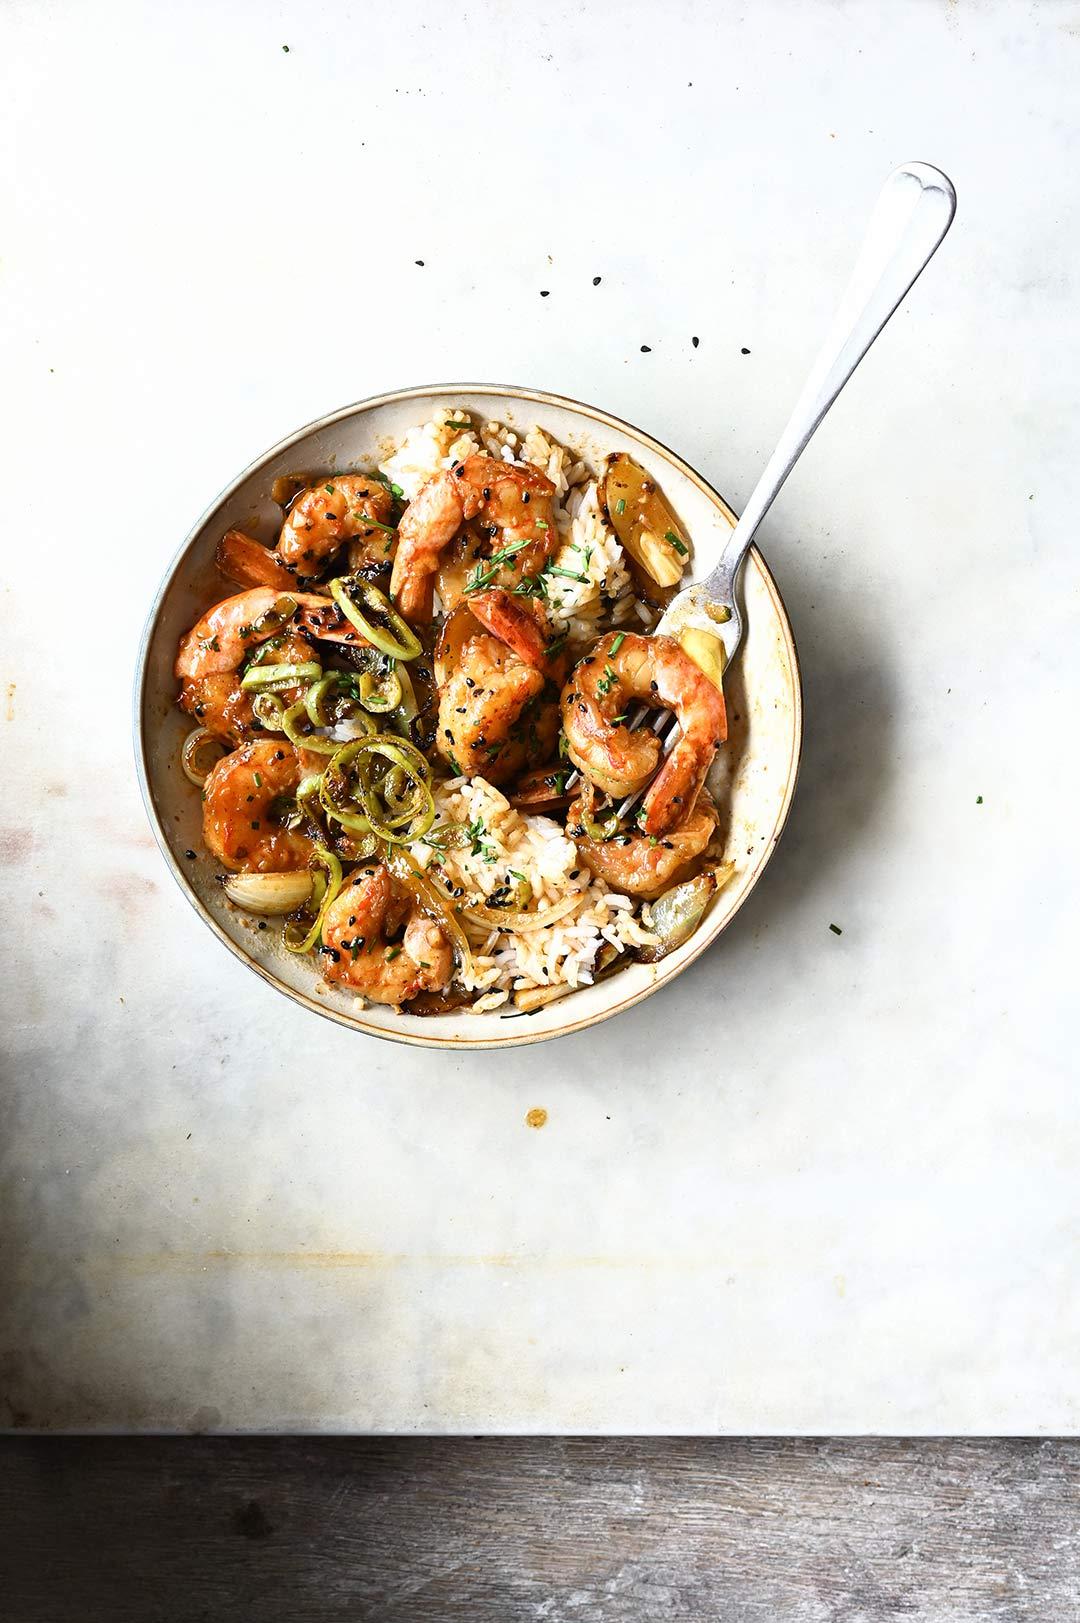 serving dumplings | Błyskawiczny stir fry z krewetkami